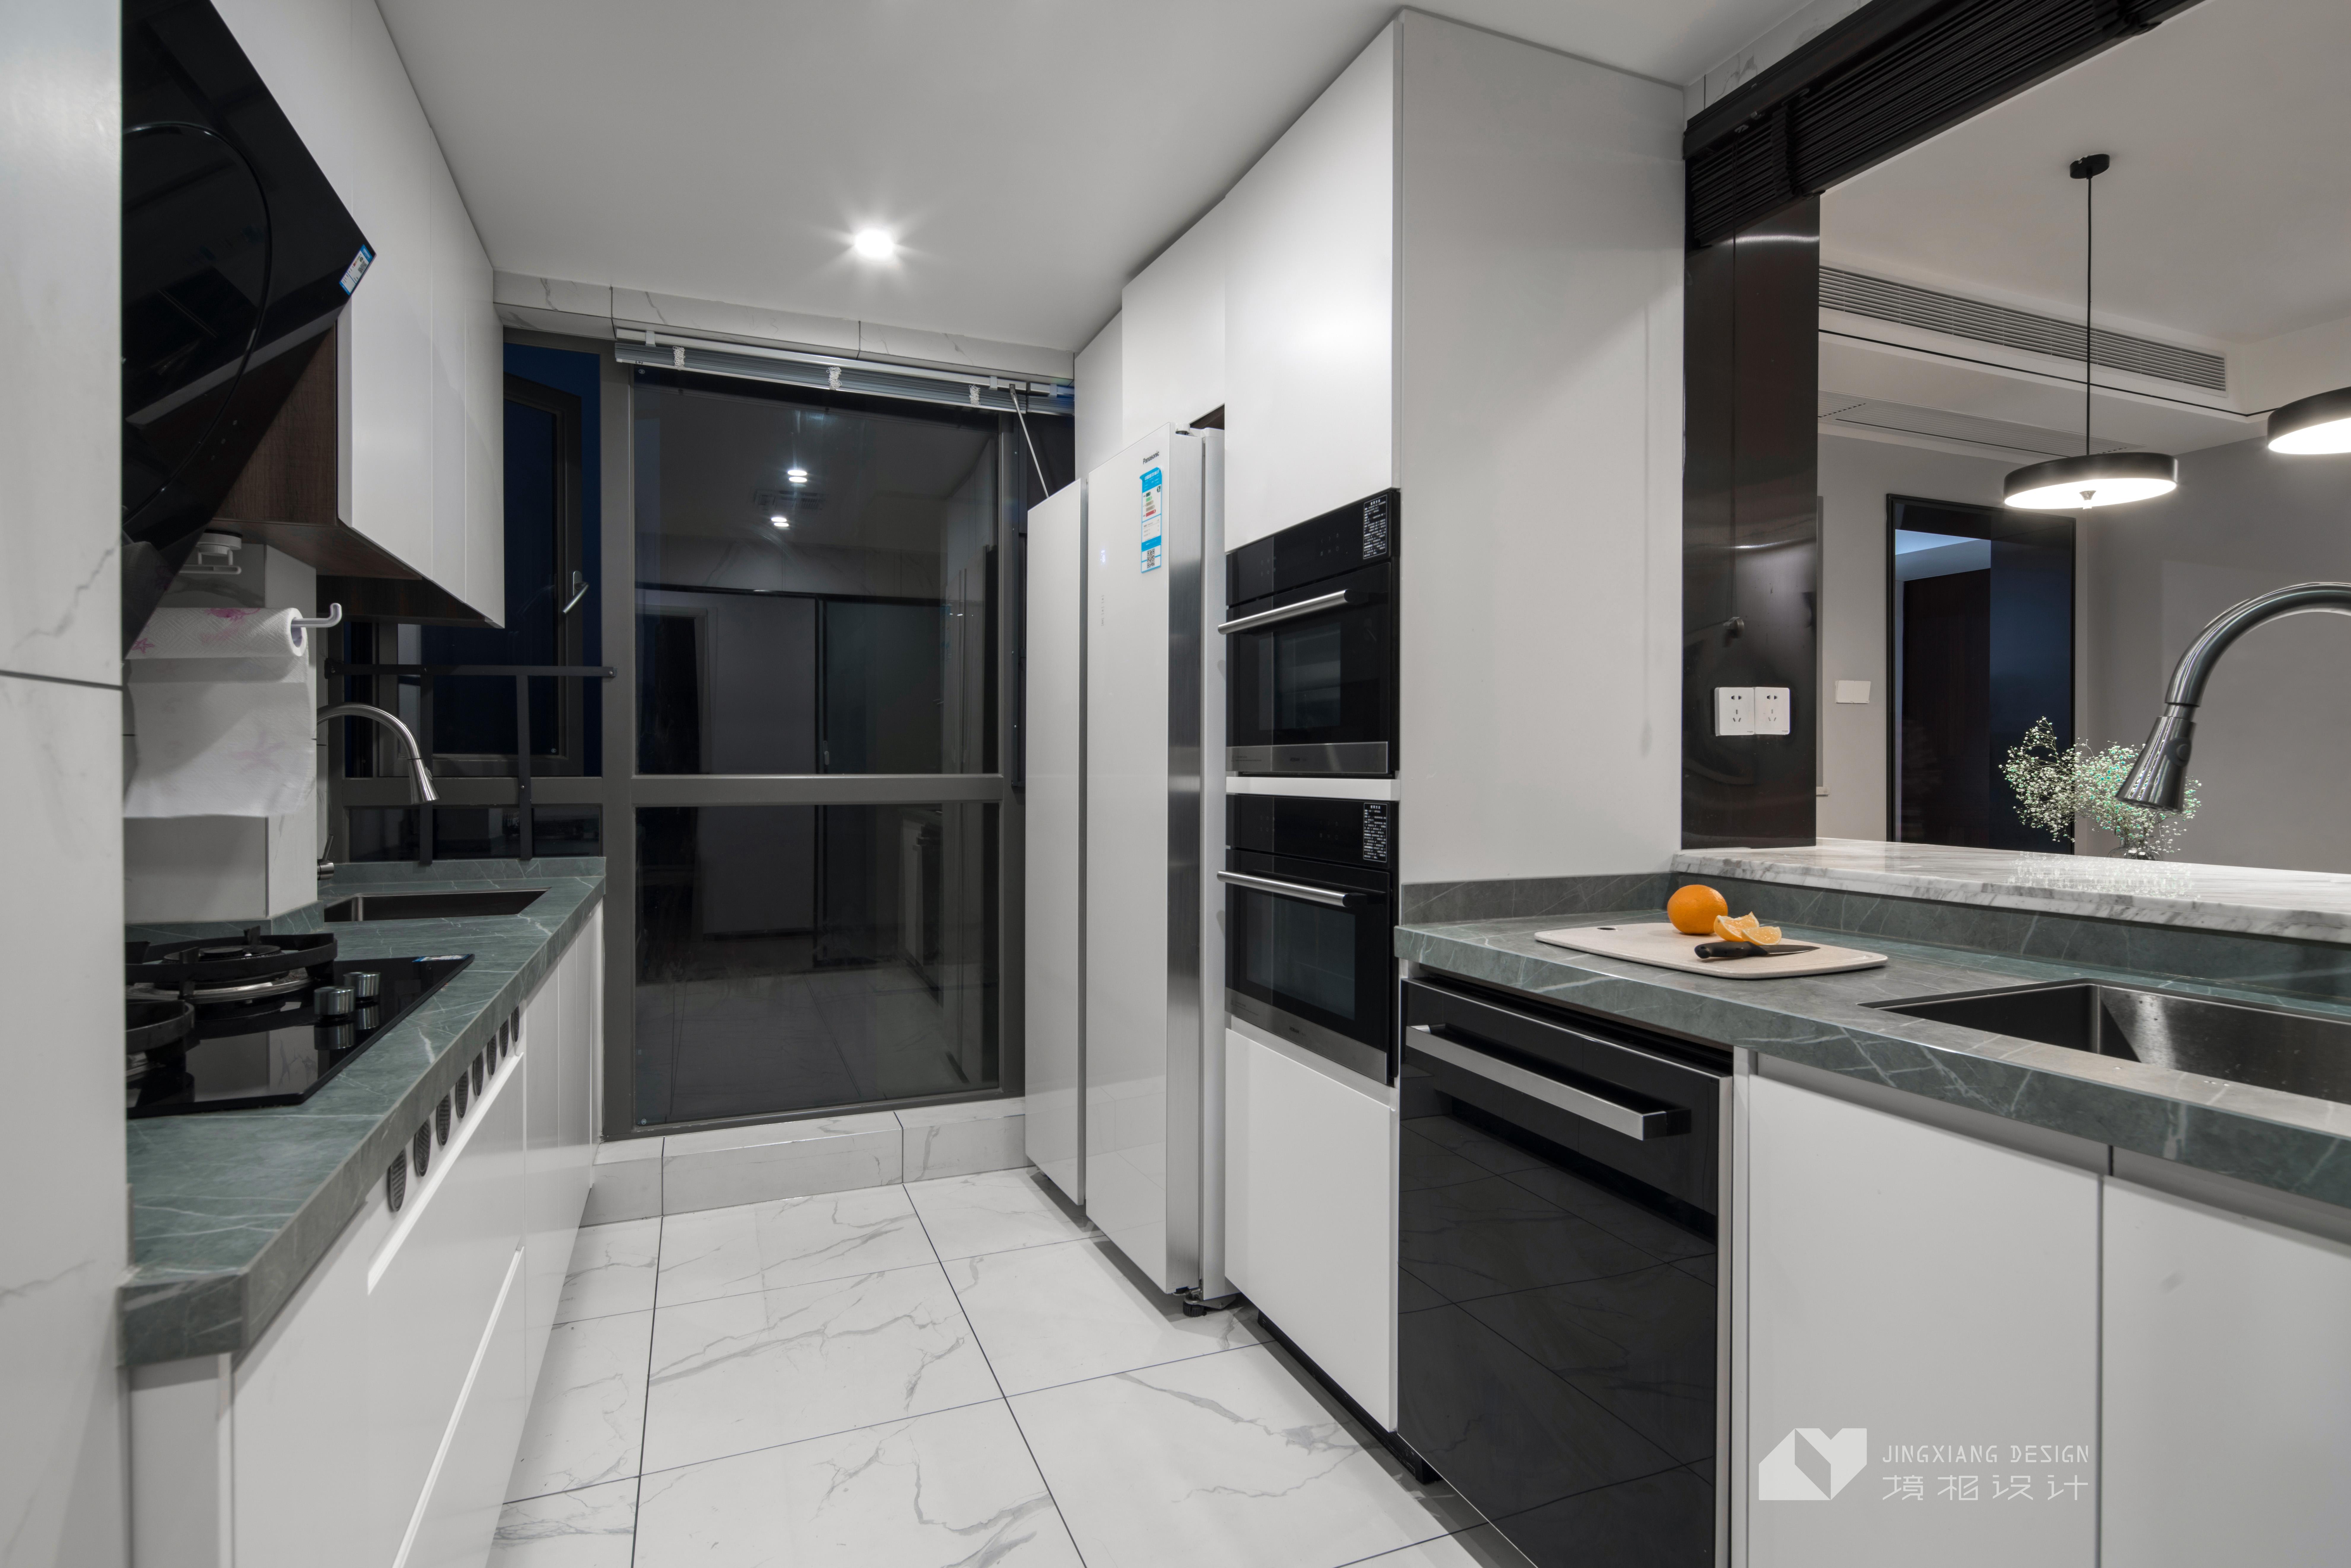 静谧现代厨房设计实景图片餐厅